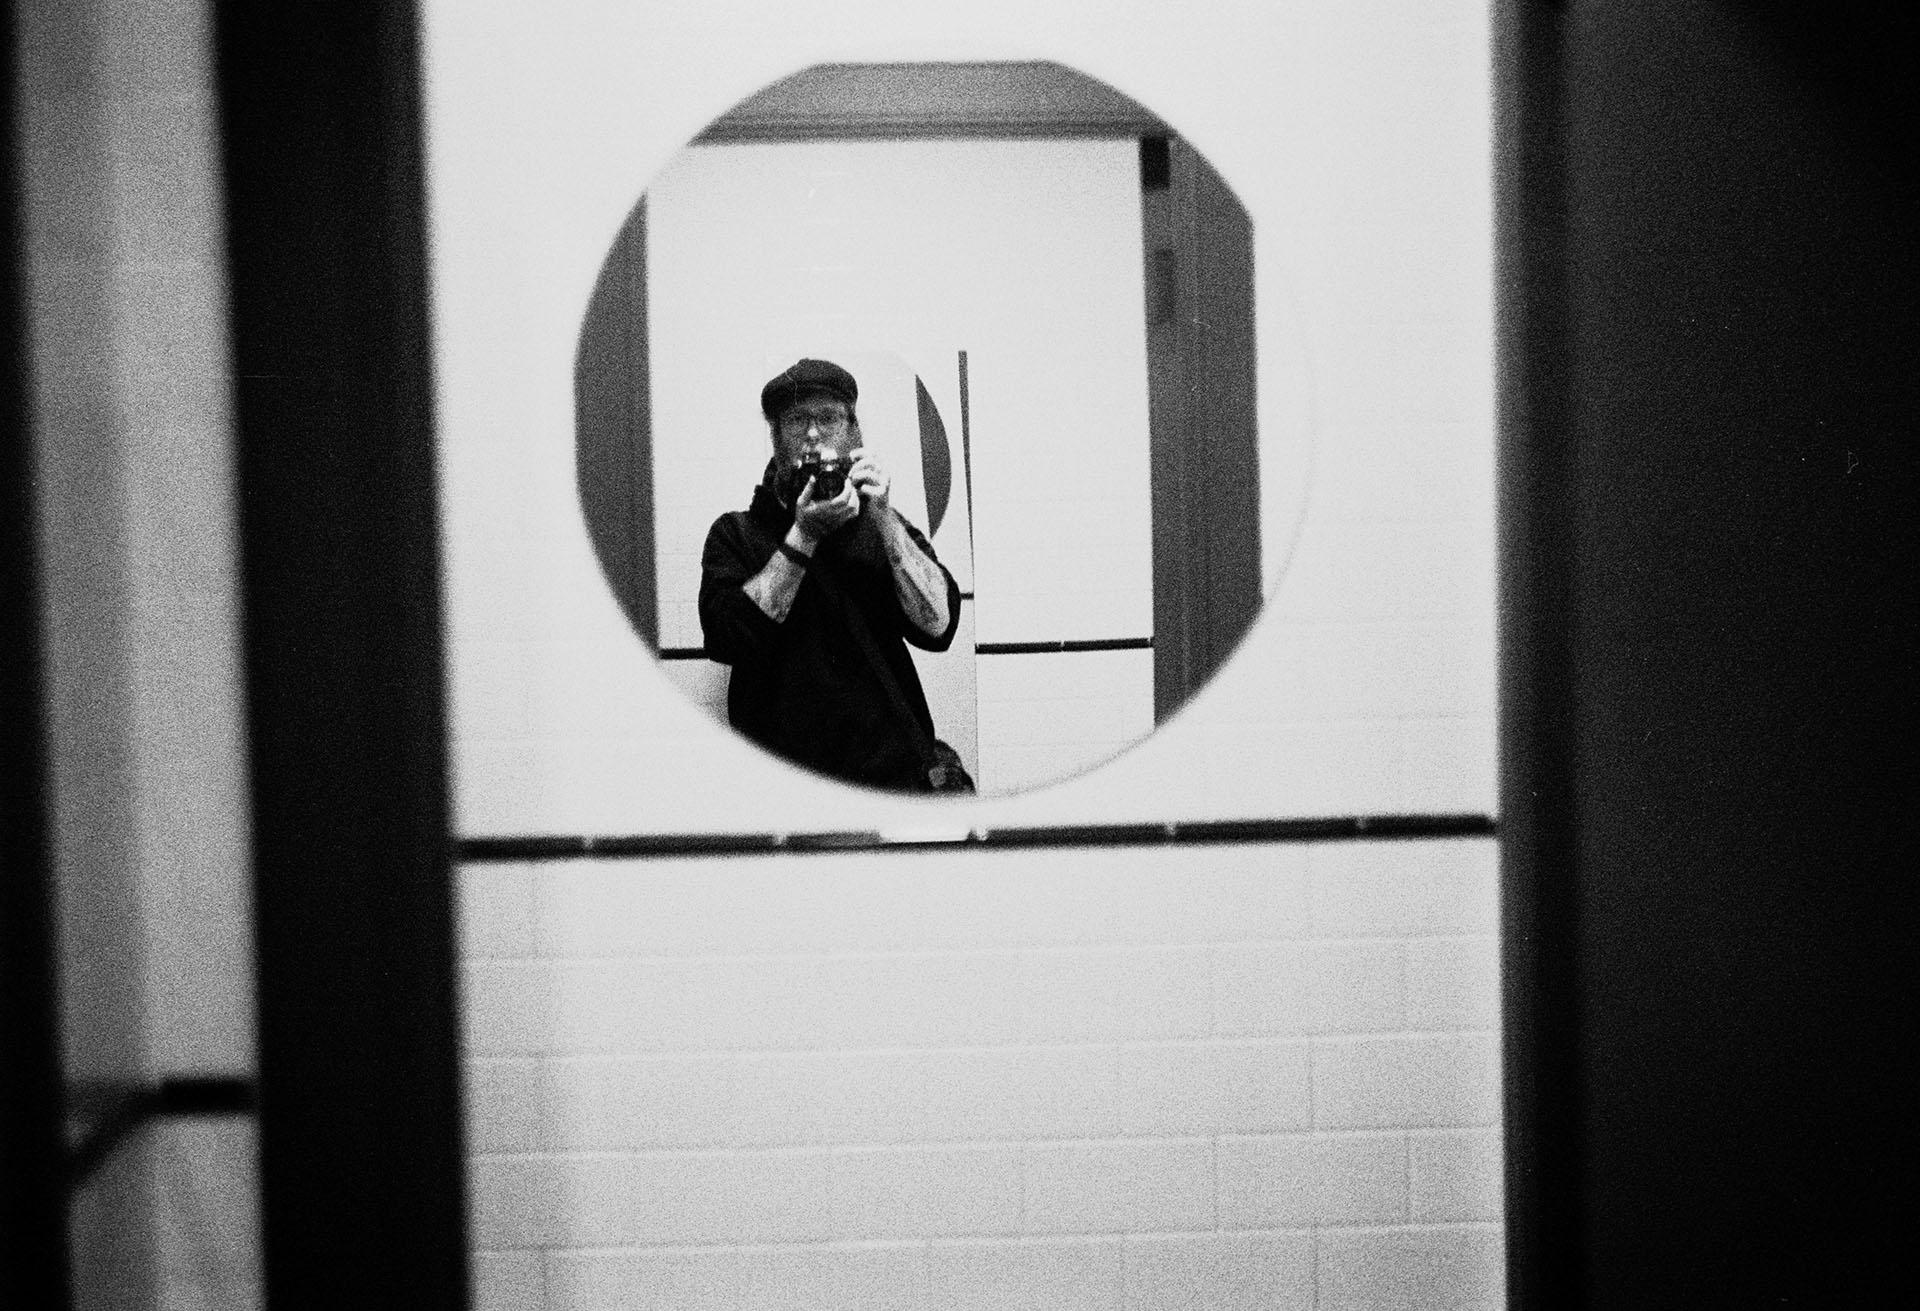 Self 35mm